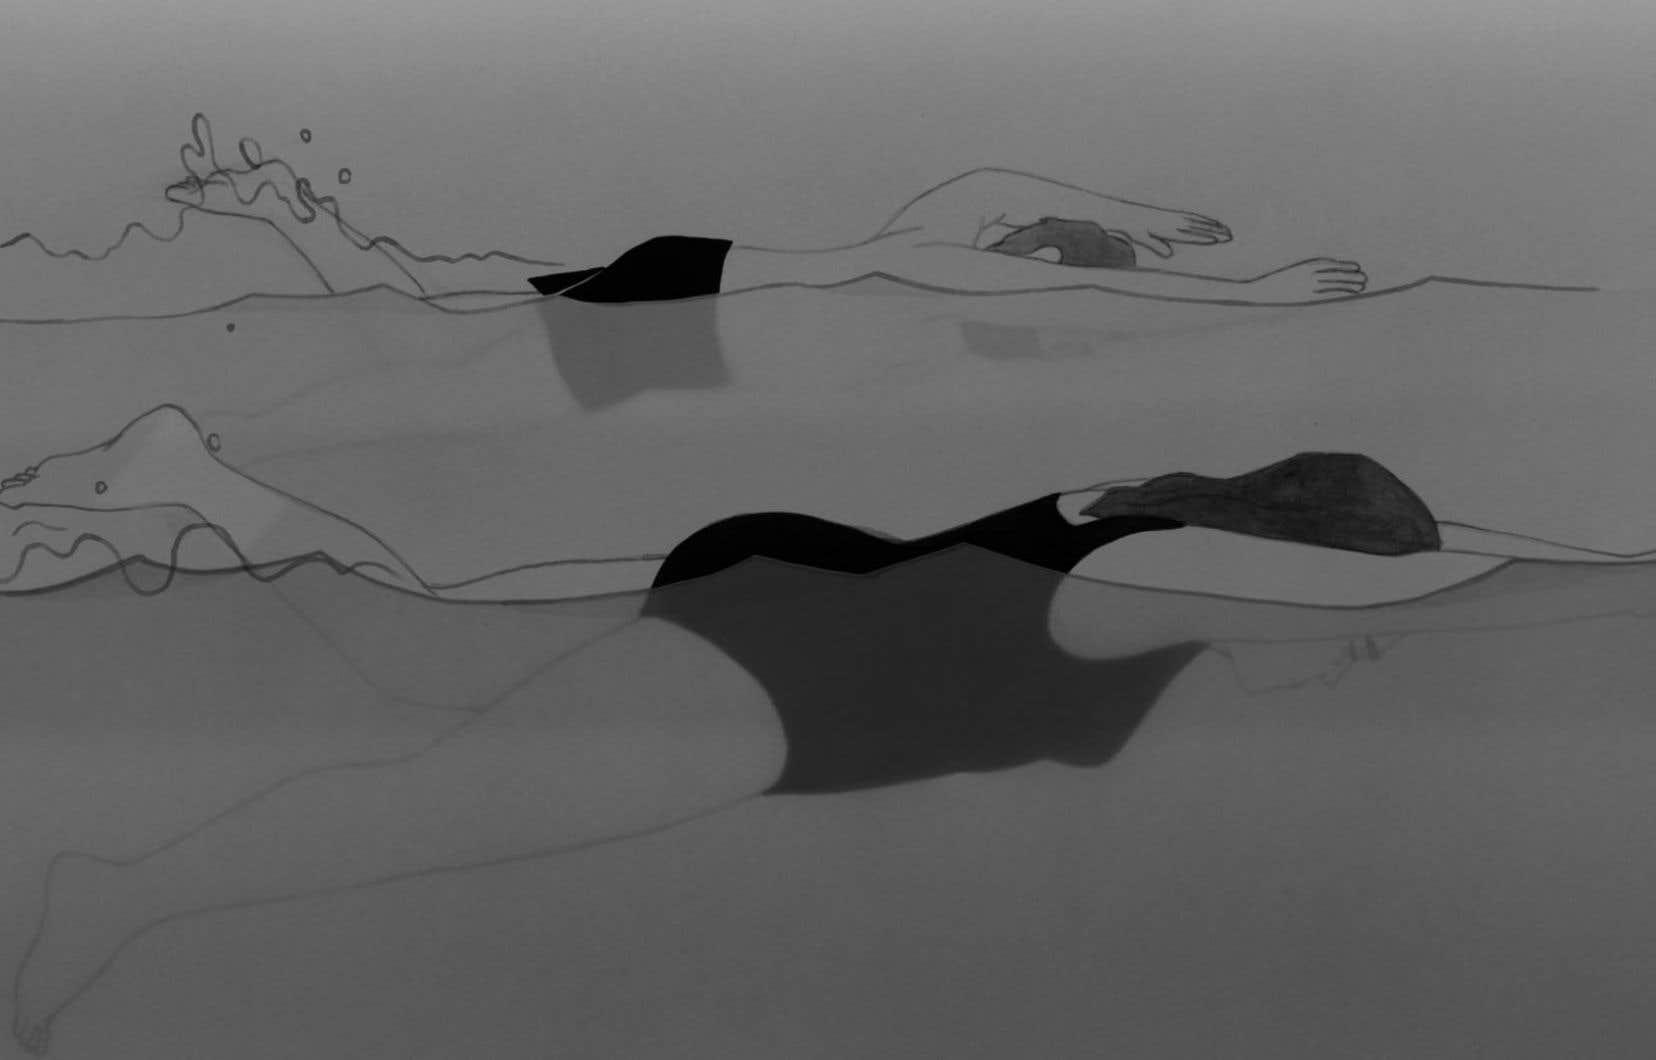 Réalisé au moyen de la technique de l'encre sur papier, «Ville Neuve» coule, flot noir et blanc charriant métamorphoses, permutations et fulgurances en autant de nuances de gris.